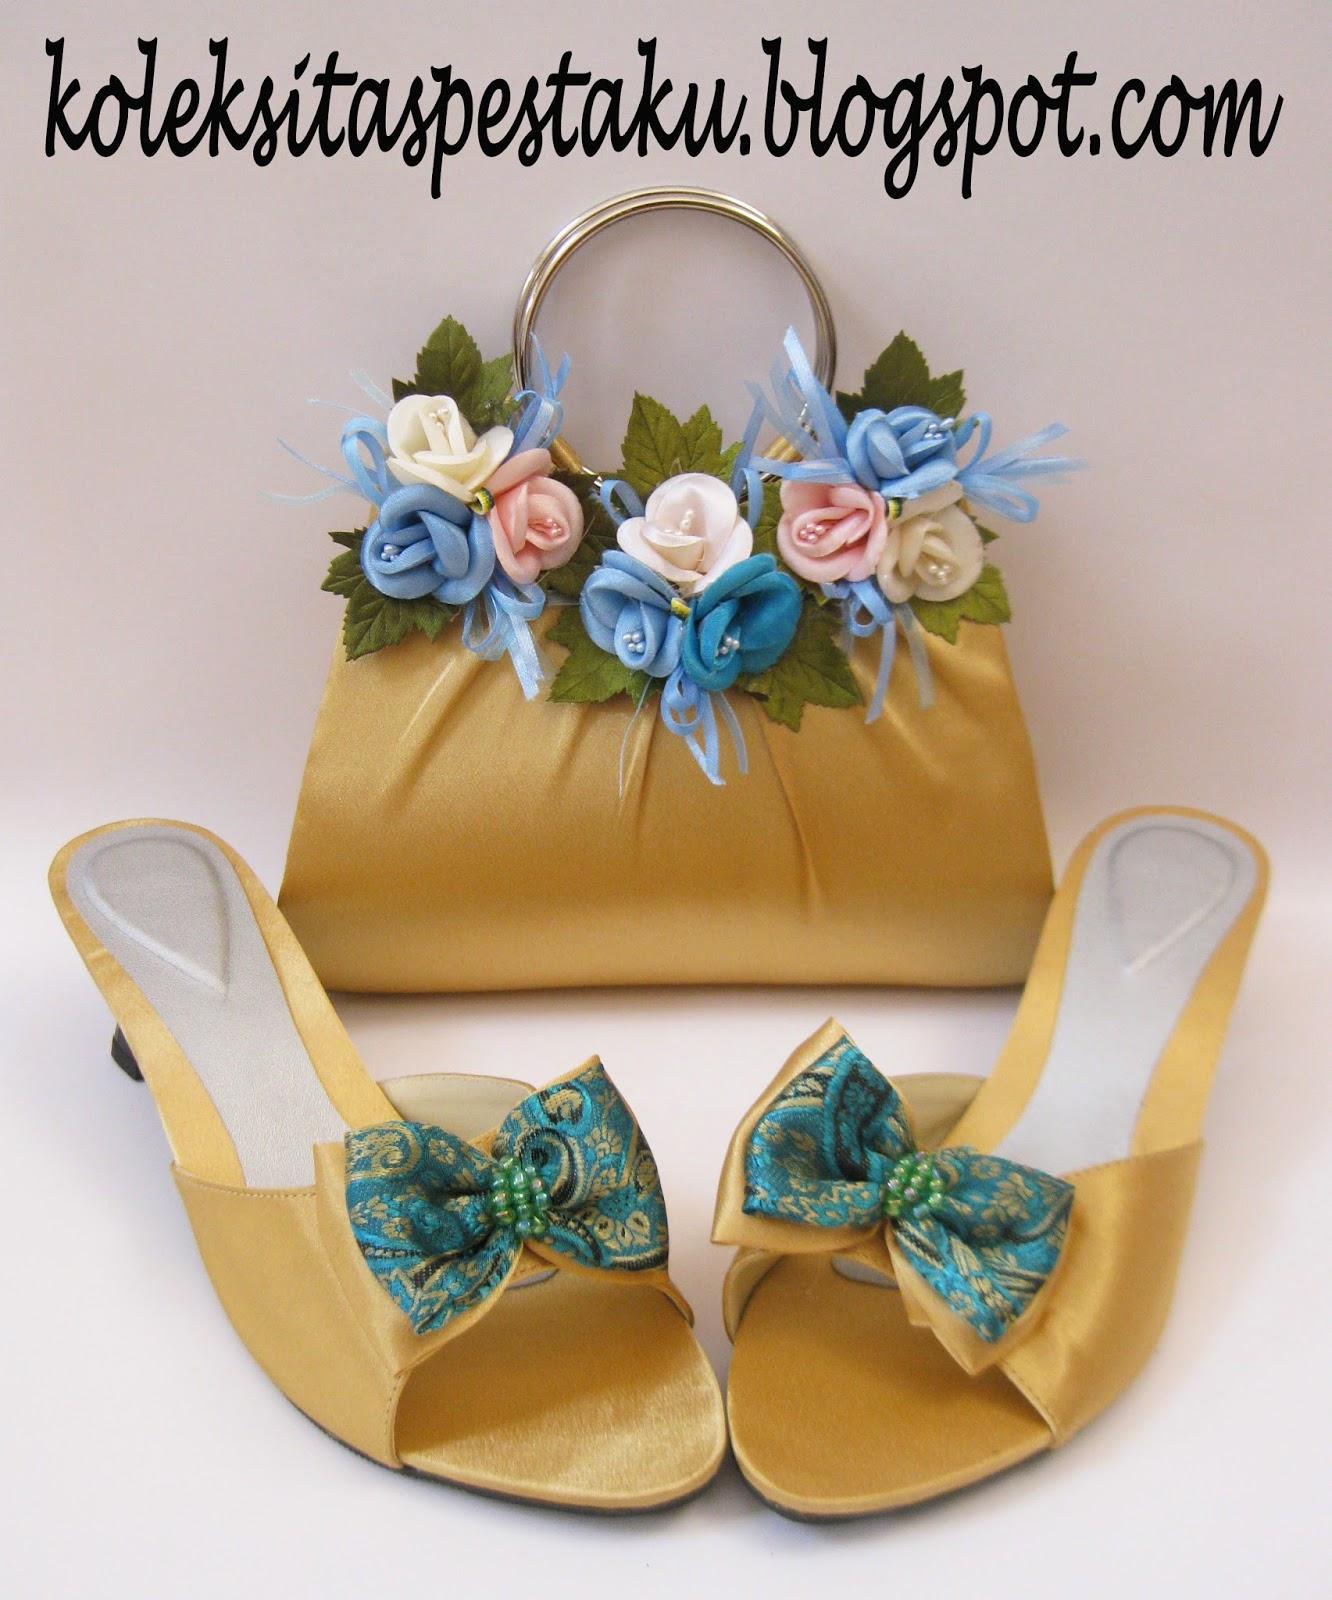 tas pesta dan sepatu perpaduan warna gold dan tosca mewah